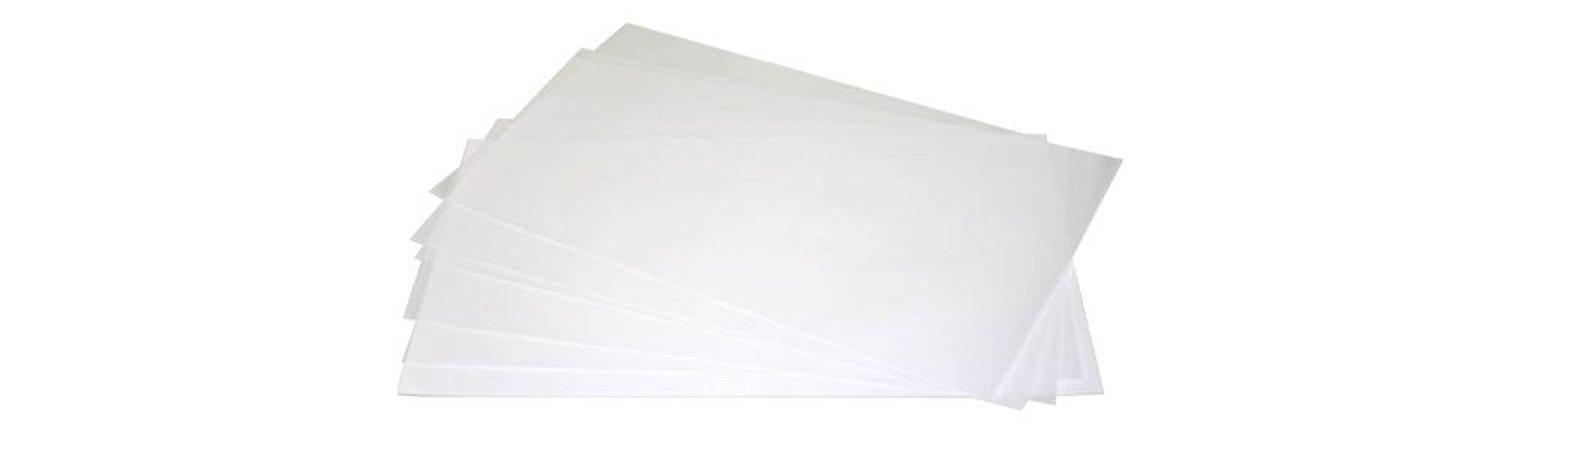 Papel Manteiga 50x70 C/100 folhas